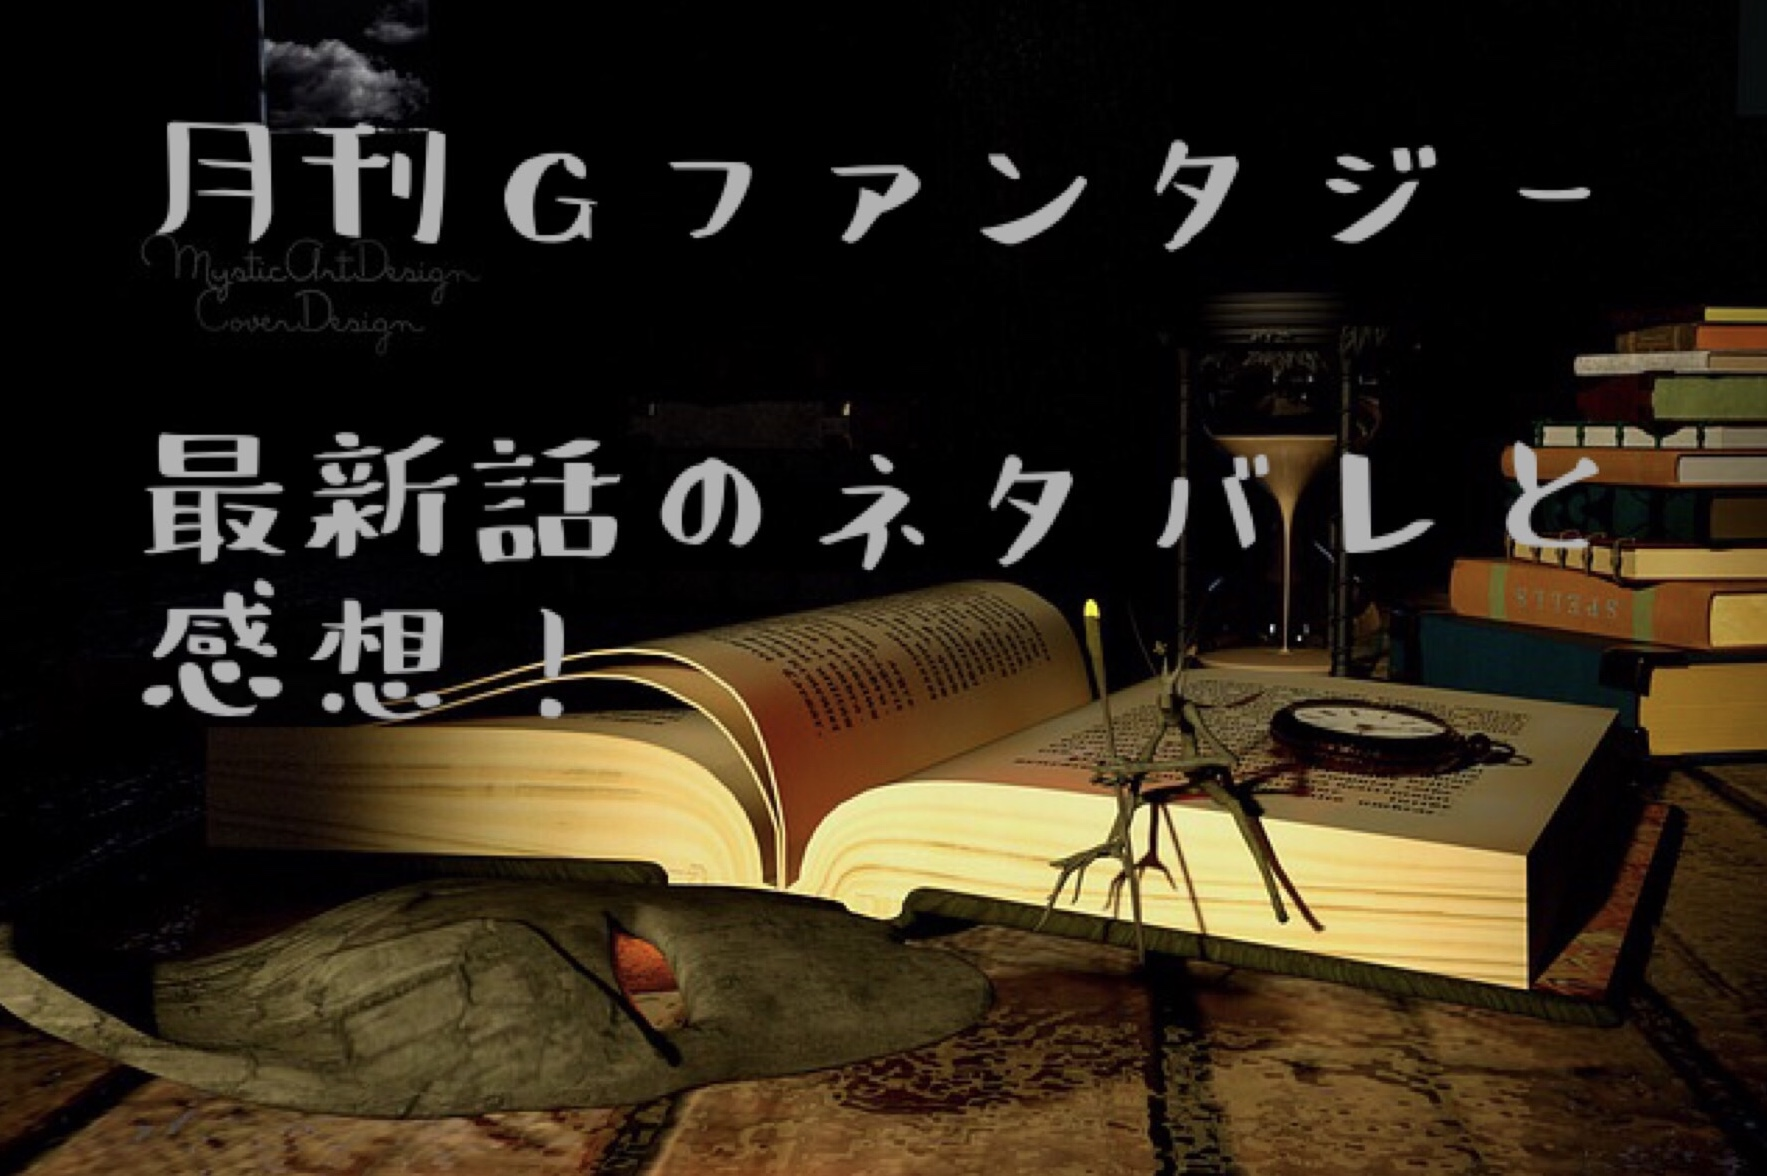 王宮のトリニティ 最終回!【最新第39話】愛してるのネタバレと感想!